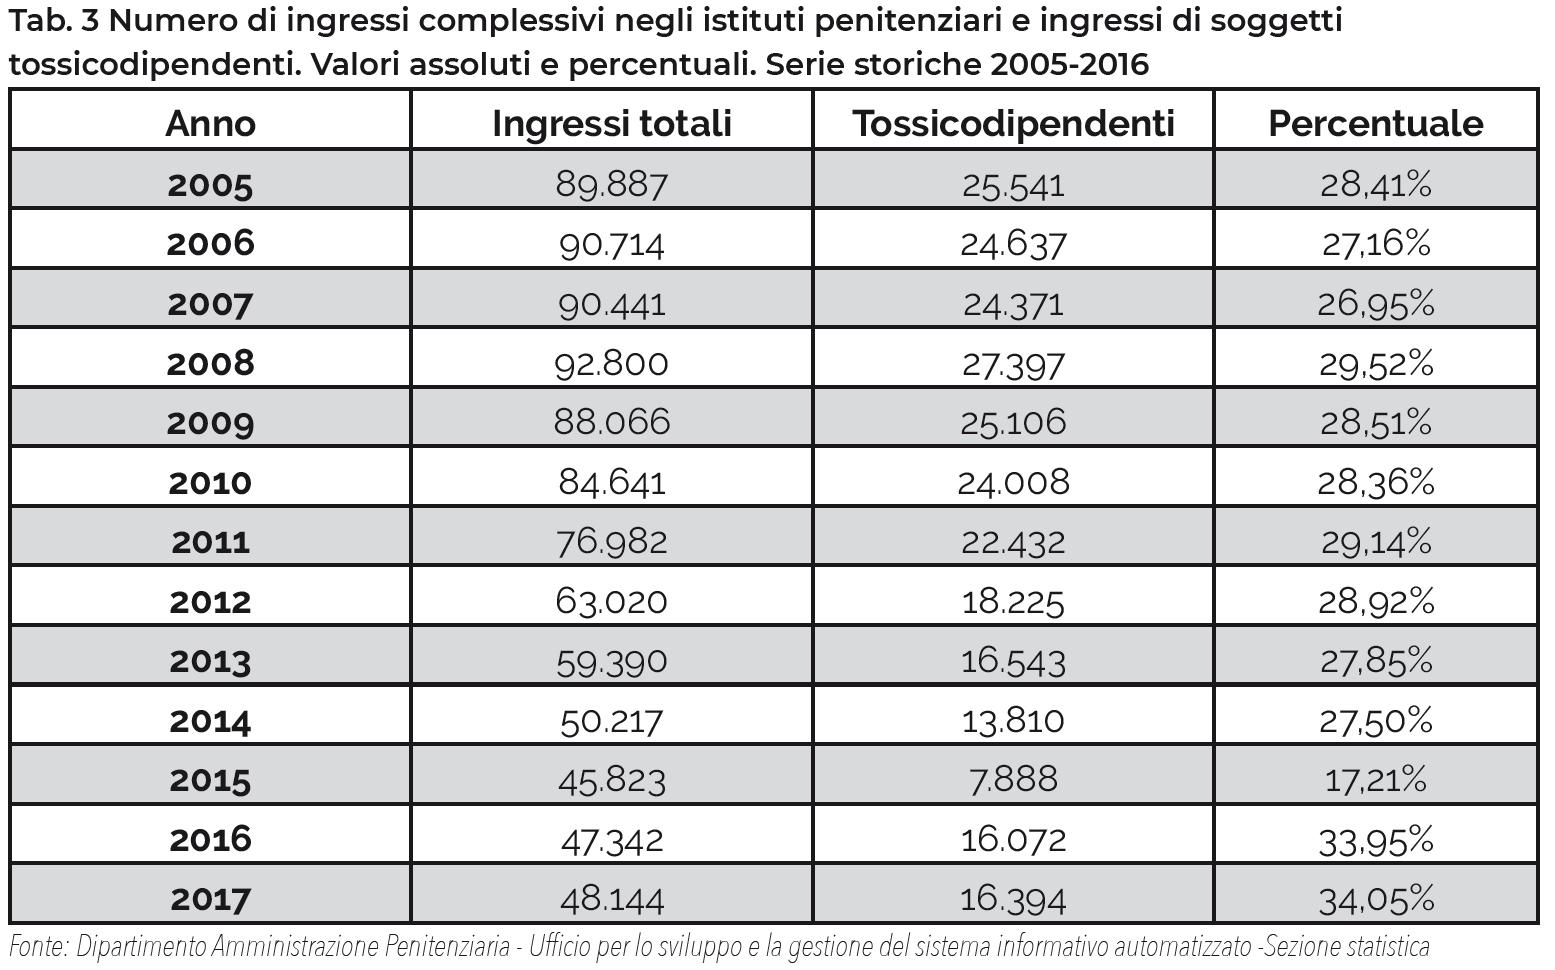 Tab. 3 Numero di ingressi complessivi negli istituti penitenziari e ingressi di soggetti tossicodipendenti. Valori assoluti e percentuali. Serie storiche 2005-2016